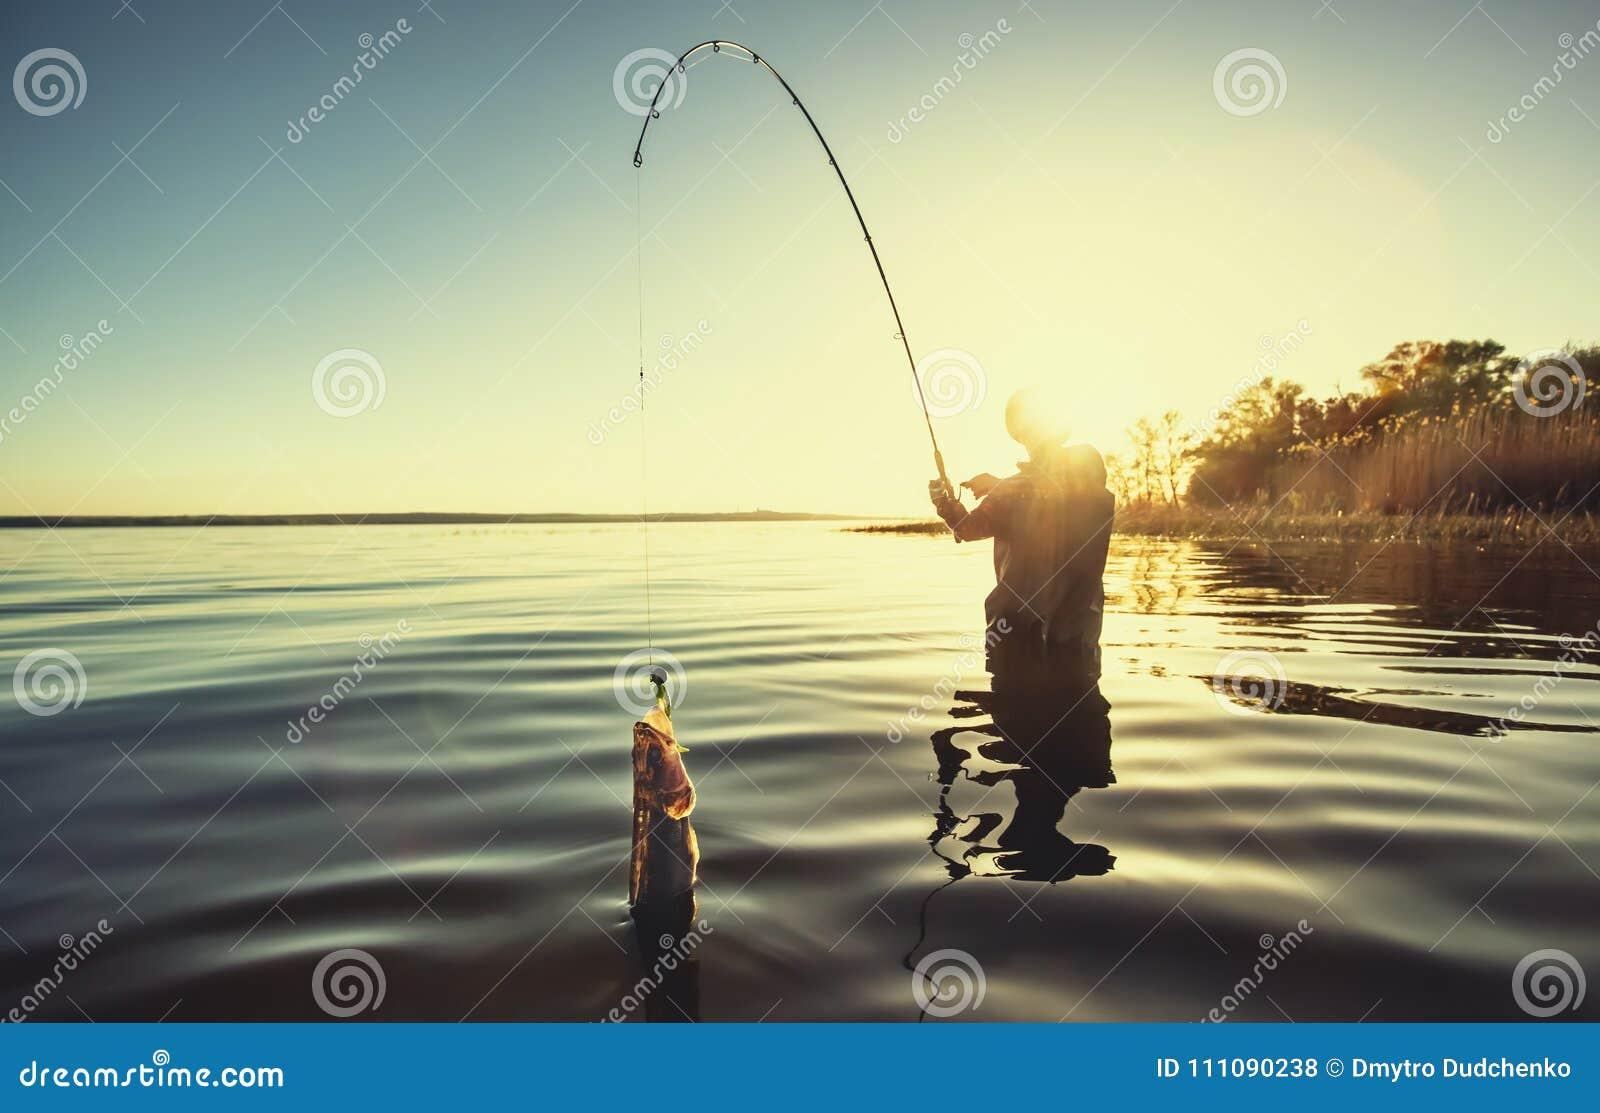 Рыболов с рыболовной удочкой в его руке и рыбе